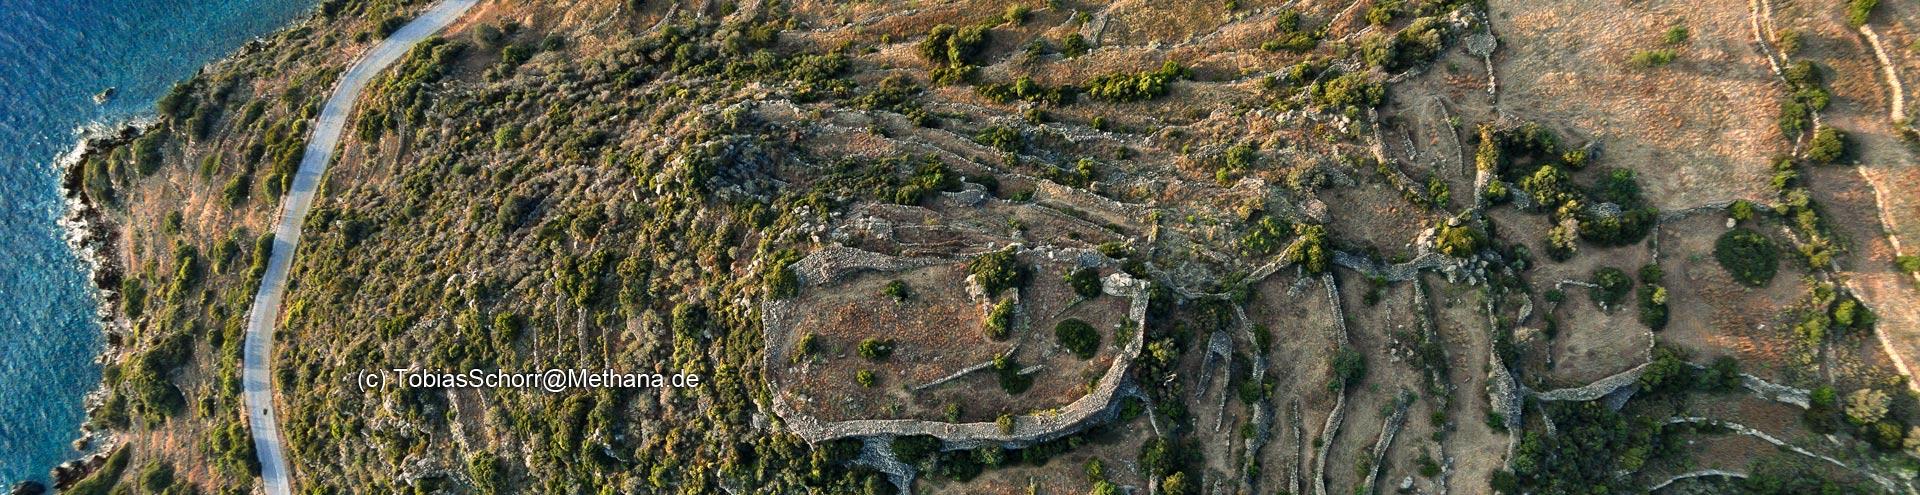 Η αρχαία ακρόπολη Όγα